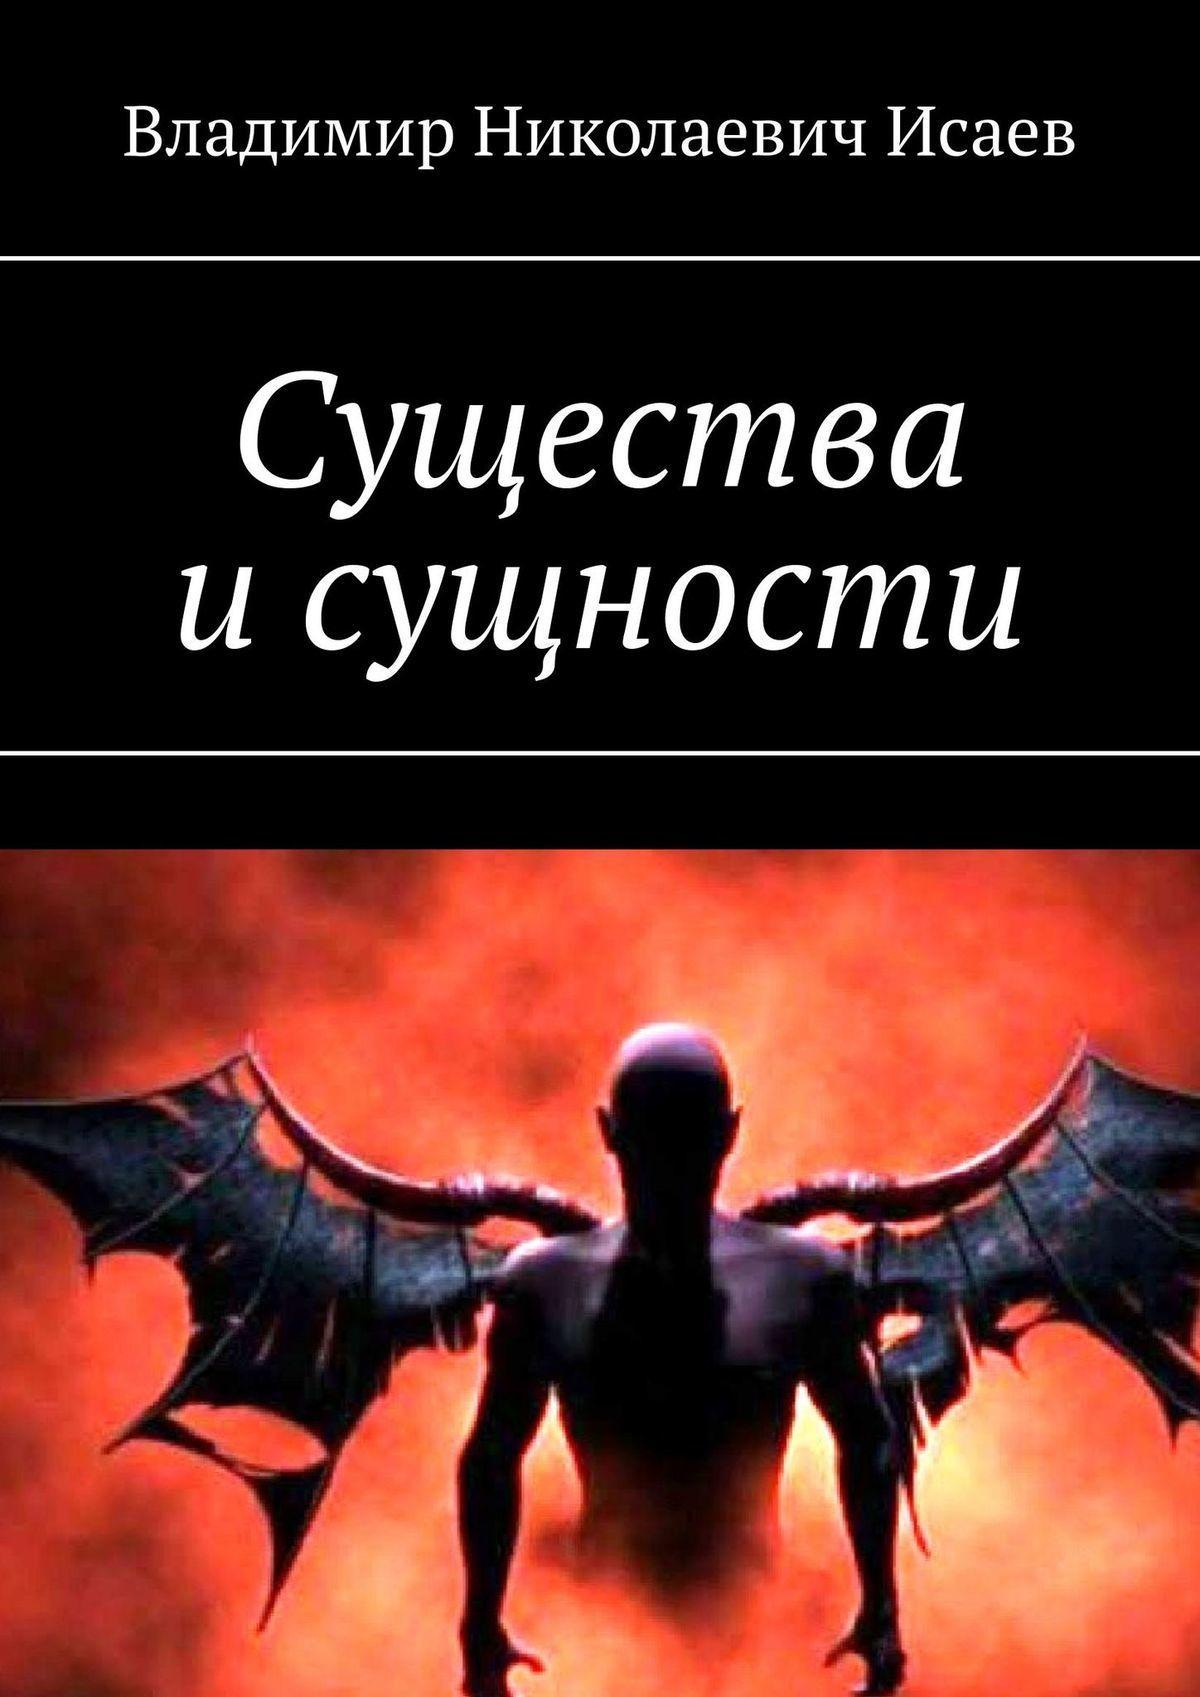 Владимир Исаев - Существа исущности